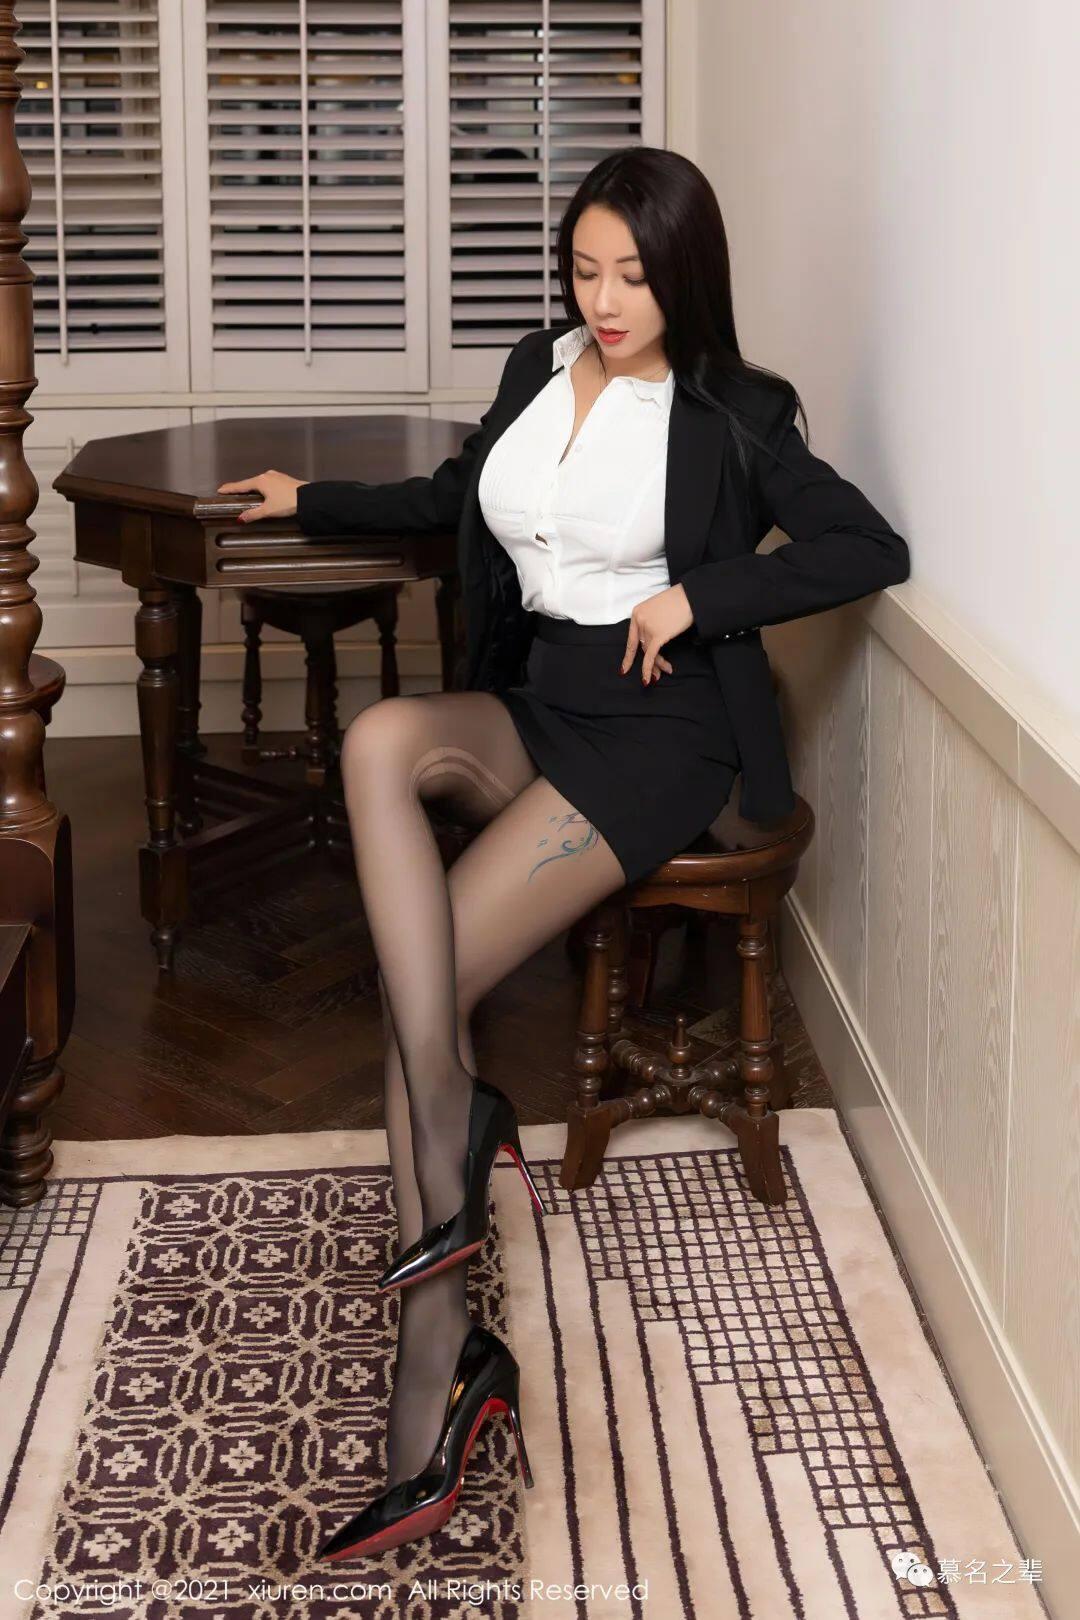 私房模特写真——松果儿Victoria(F罩杯)38